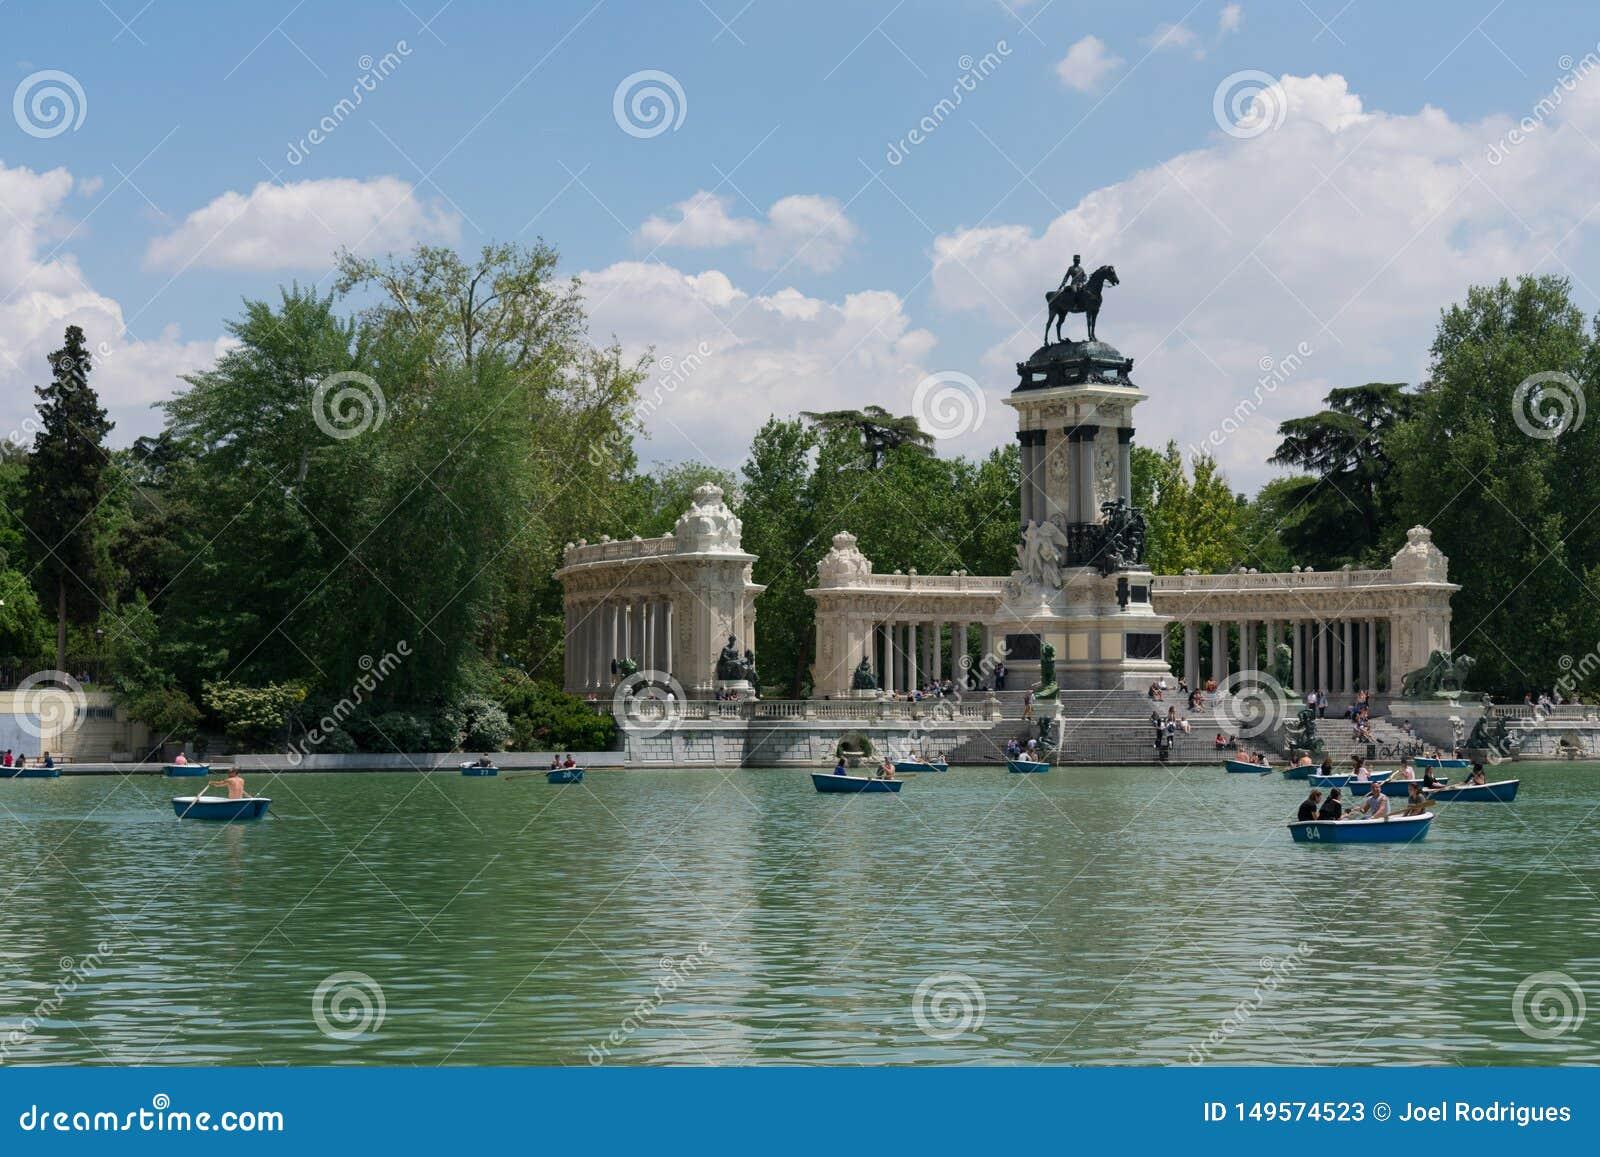 Madrid, Spagna - 13 maggio 2018: La gente che prende le barche sul lago Parque del Buen Retiro